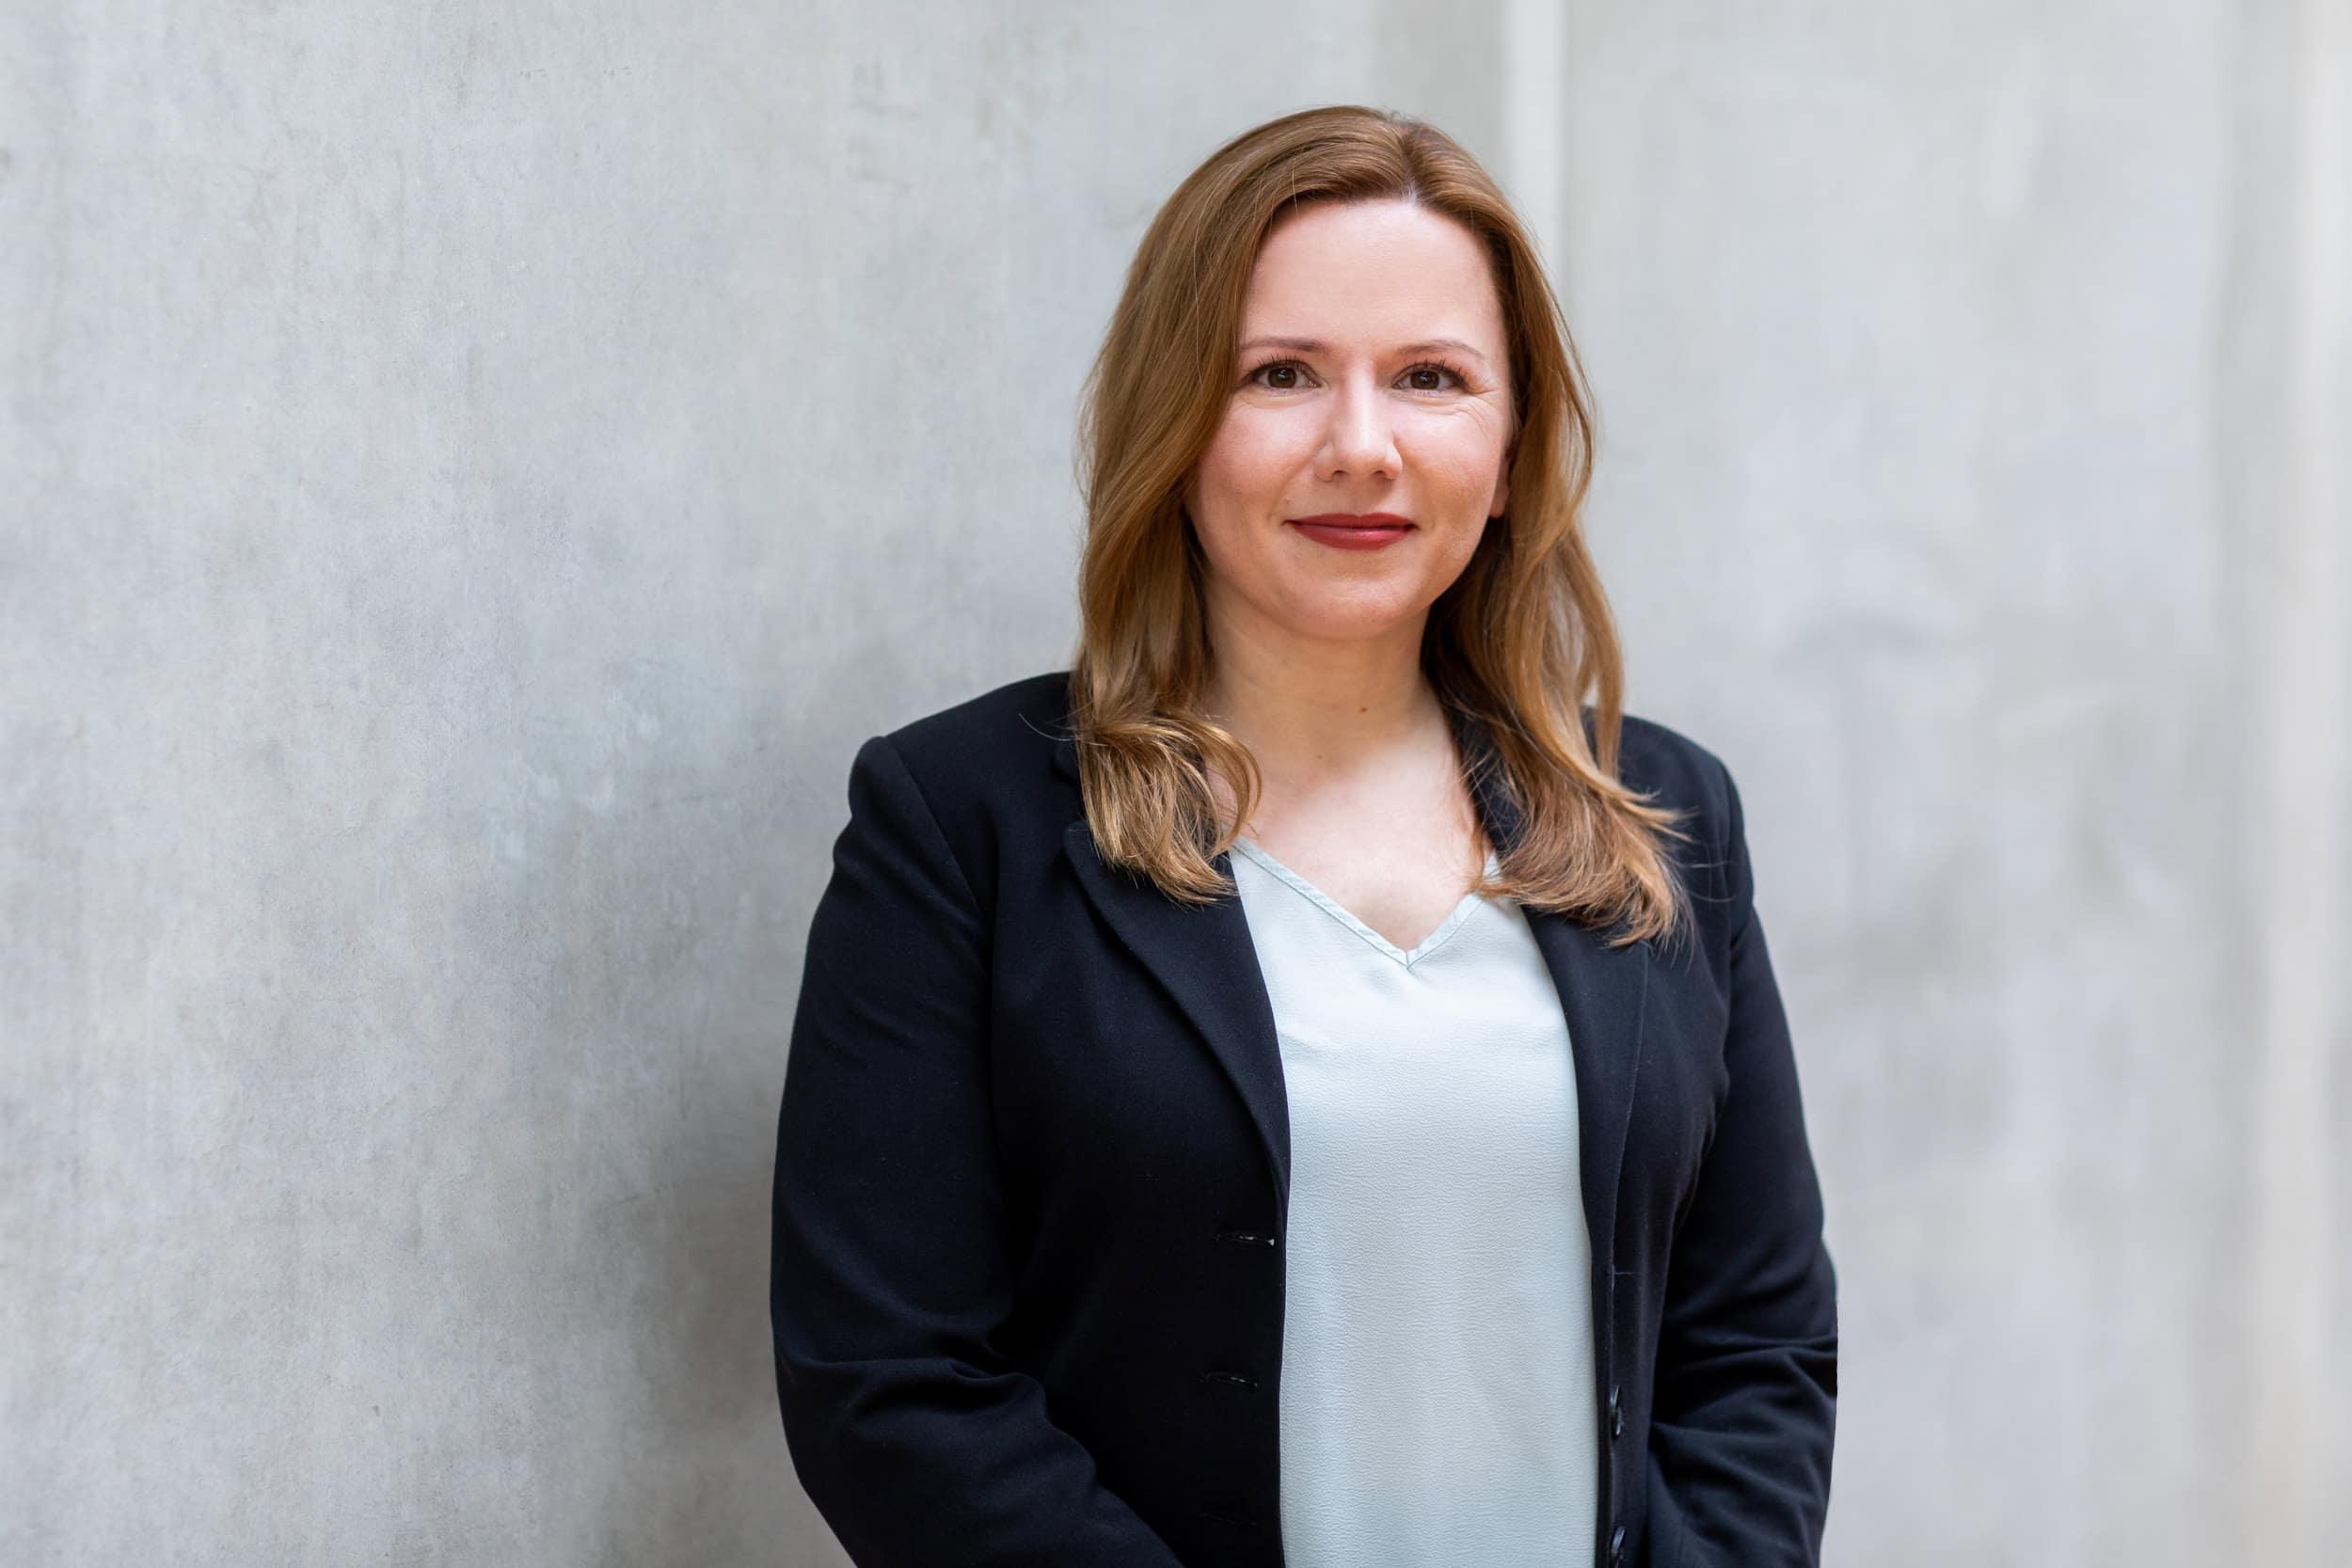 Rechtsanwältin Arbeitsrecht Potsdam